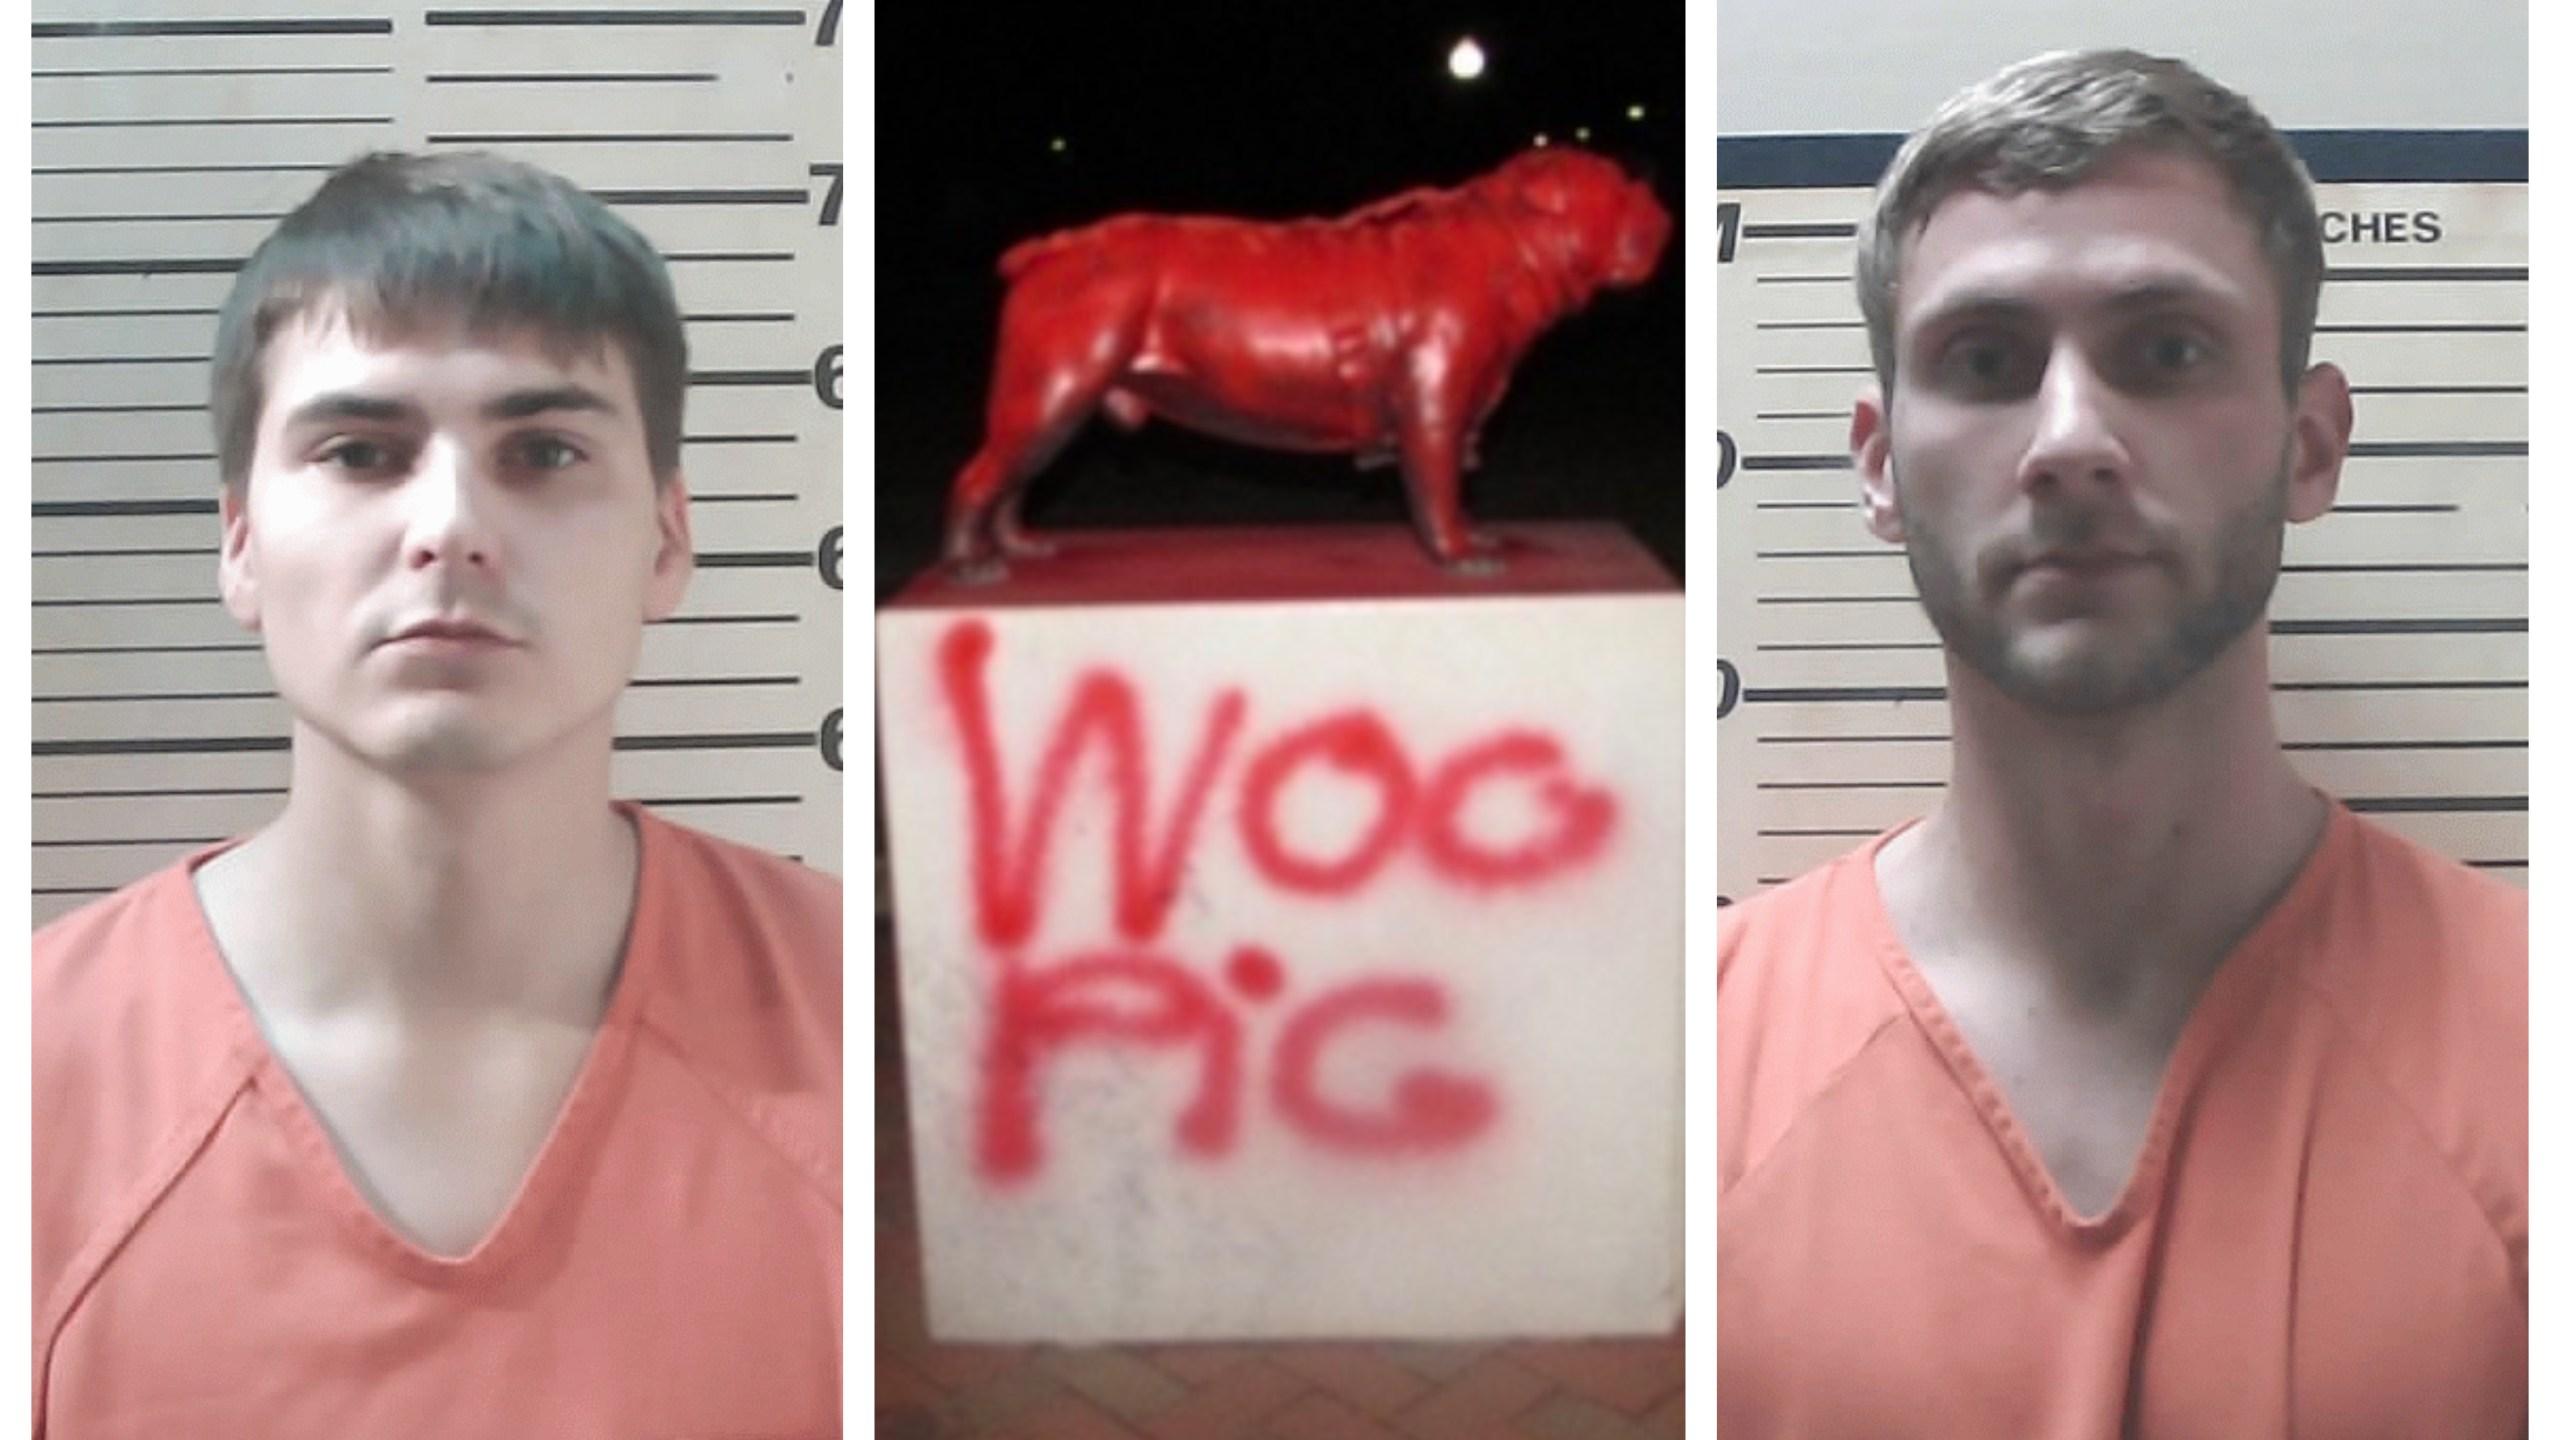 Woo Pig Arrests_1548284543112.jpg.jpg